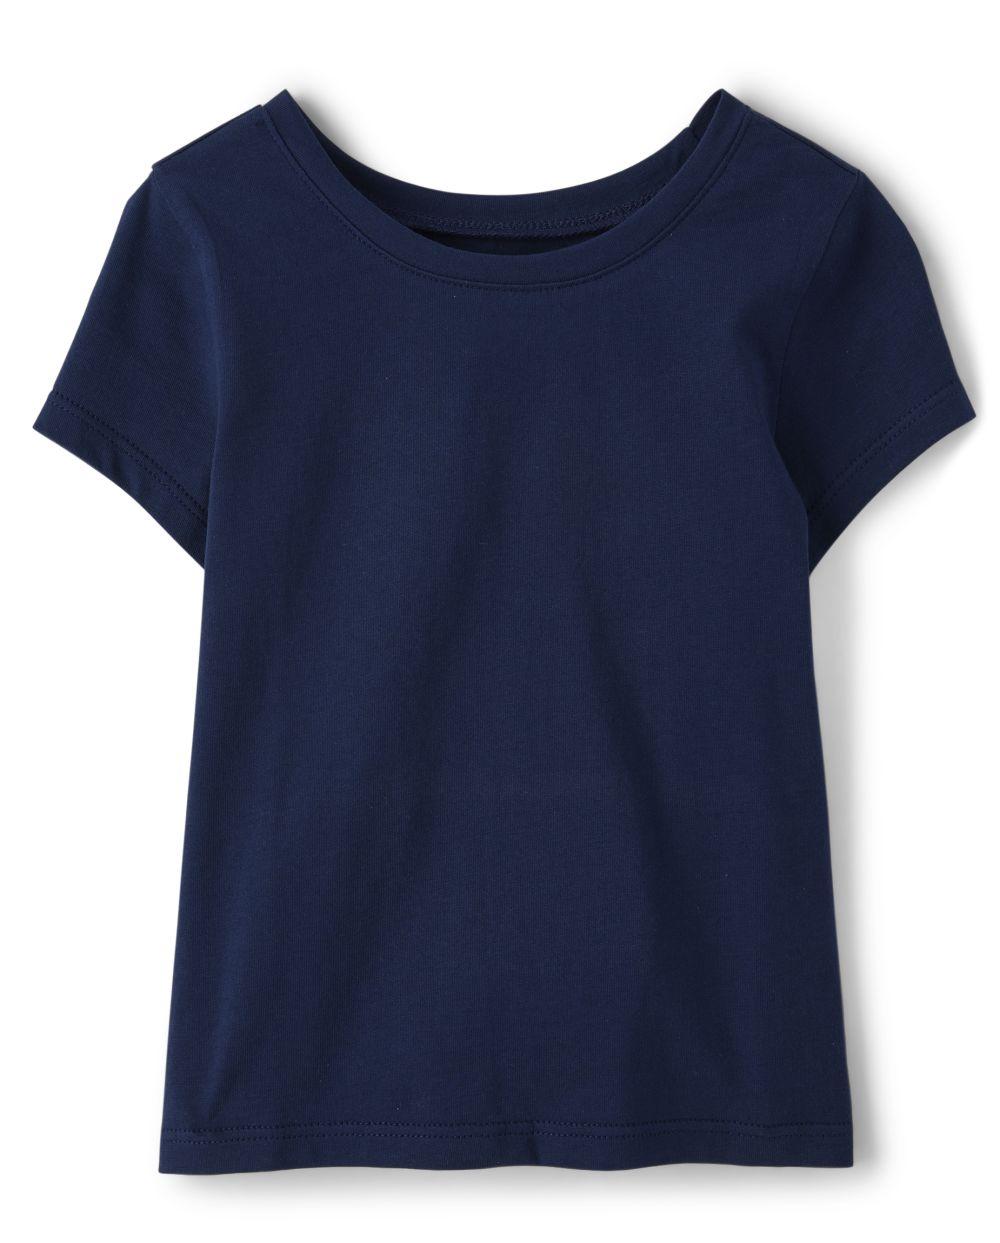 Camiseta básica de capas para bebés y niñas pequeñas